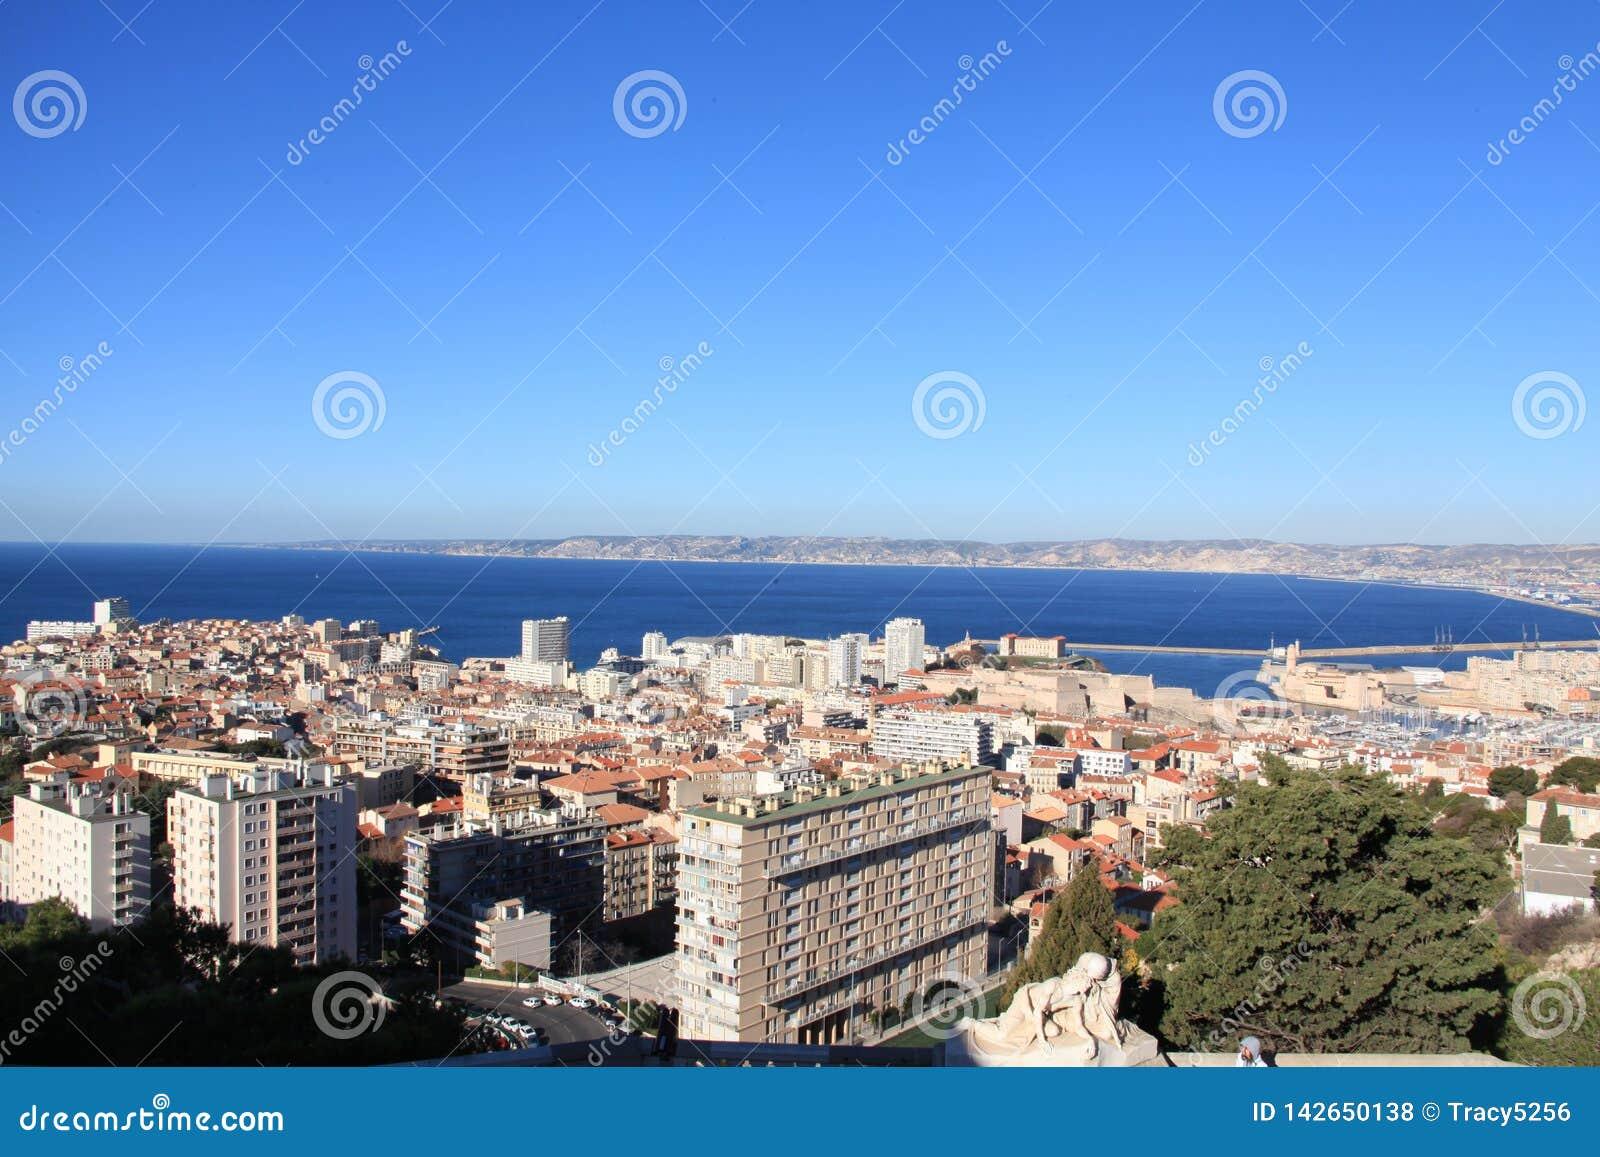 Vieux-λιμένας de Μασσαλία